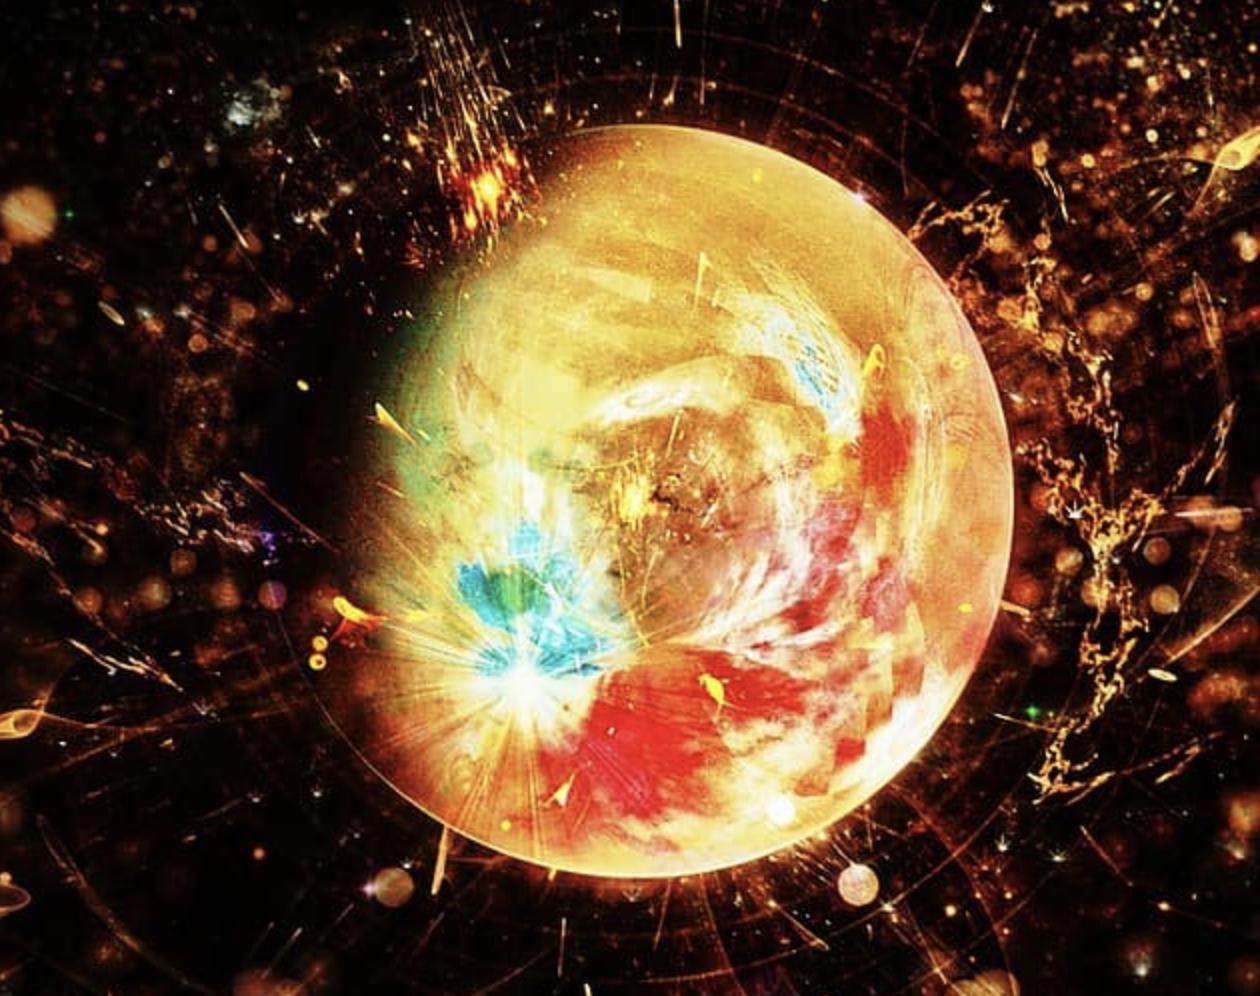 ¿Vida en el interior de las estrellas? Una singular hipótesis relacionada a la Teoría de Cuerdas